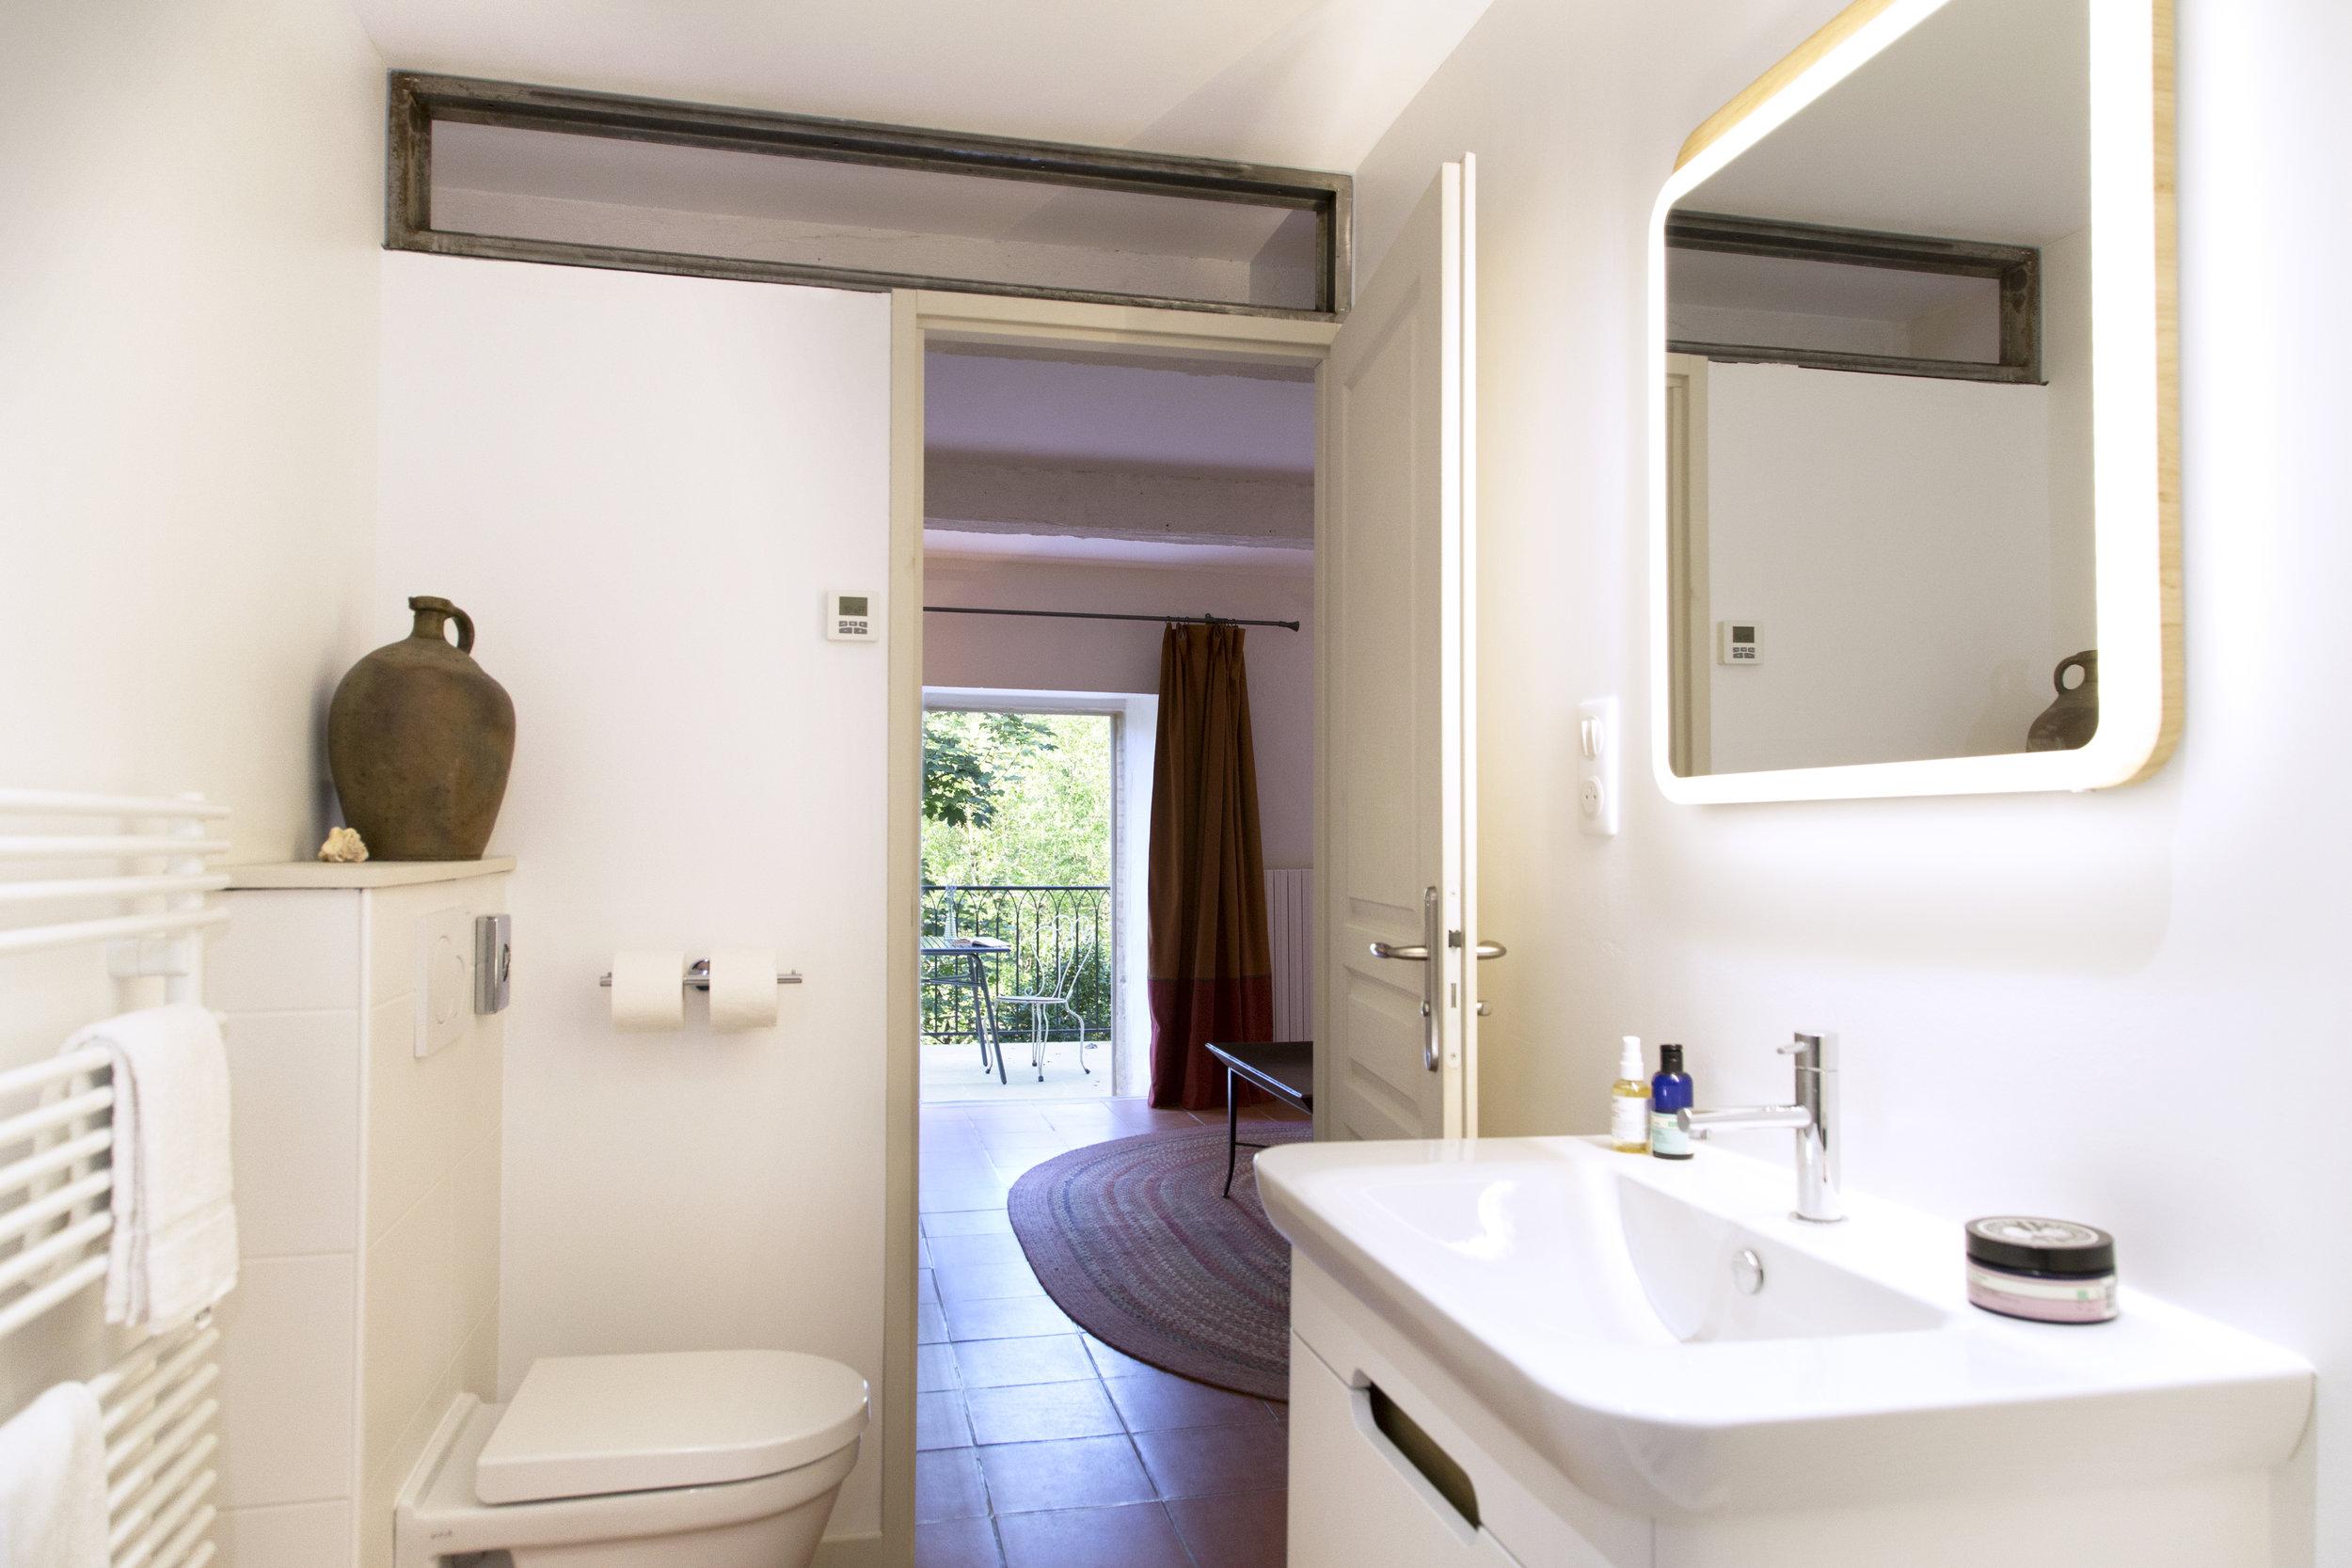 Christophe_bathroom_v1.jpg